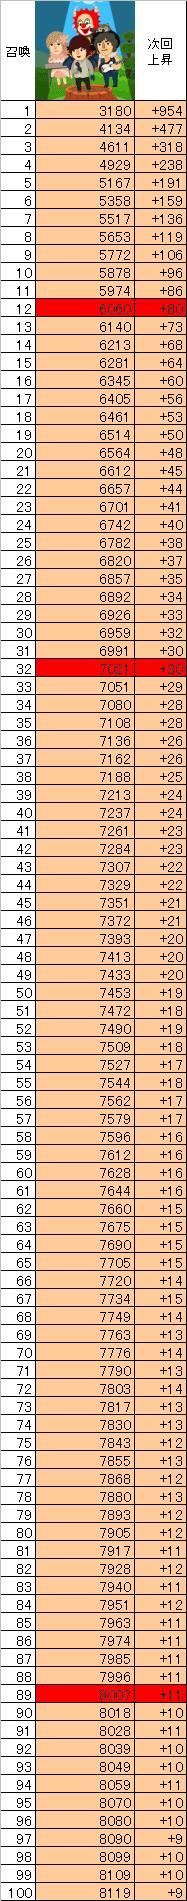 セカオワの召喚数とパワーの一覧